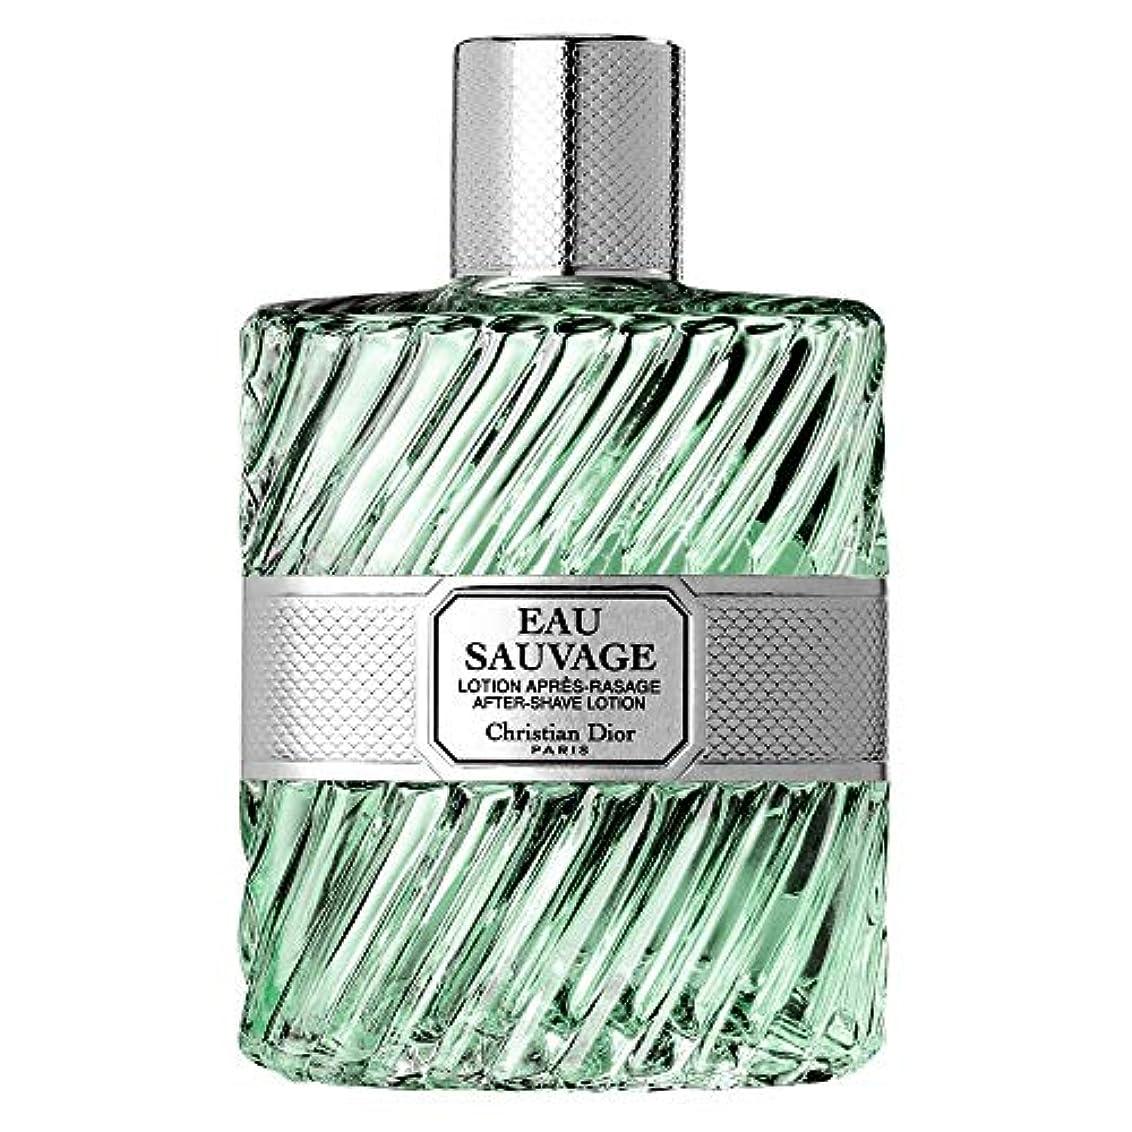 広範囲報奨金操作[Dior] ローションスプレー100Mlとしてディオールオーソバージュ - Dior Eau Sauvage AS Lotion Spray 100ml [並行輸入品]